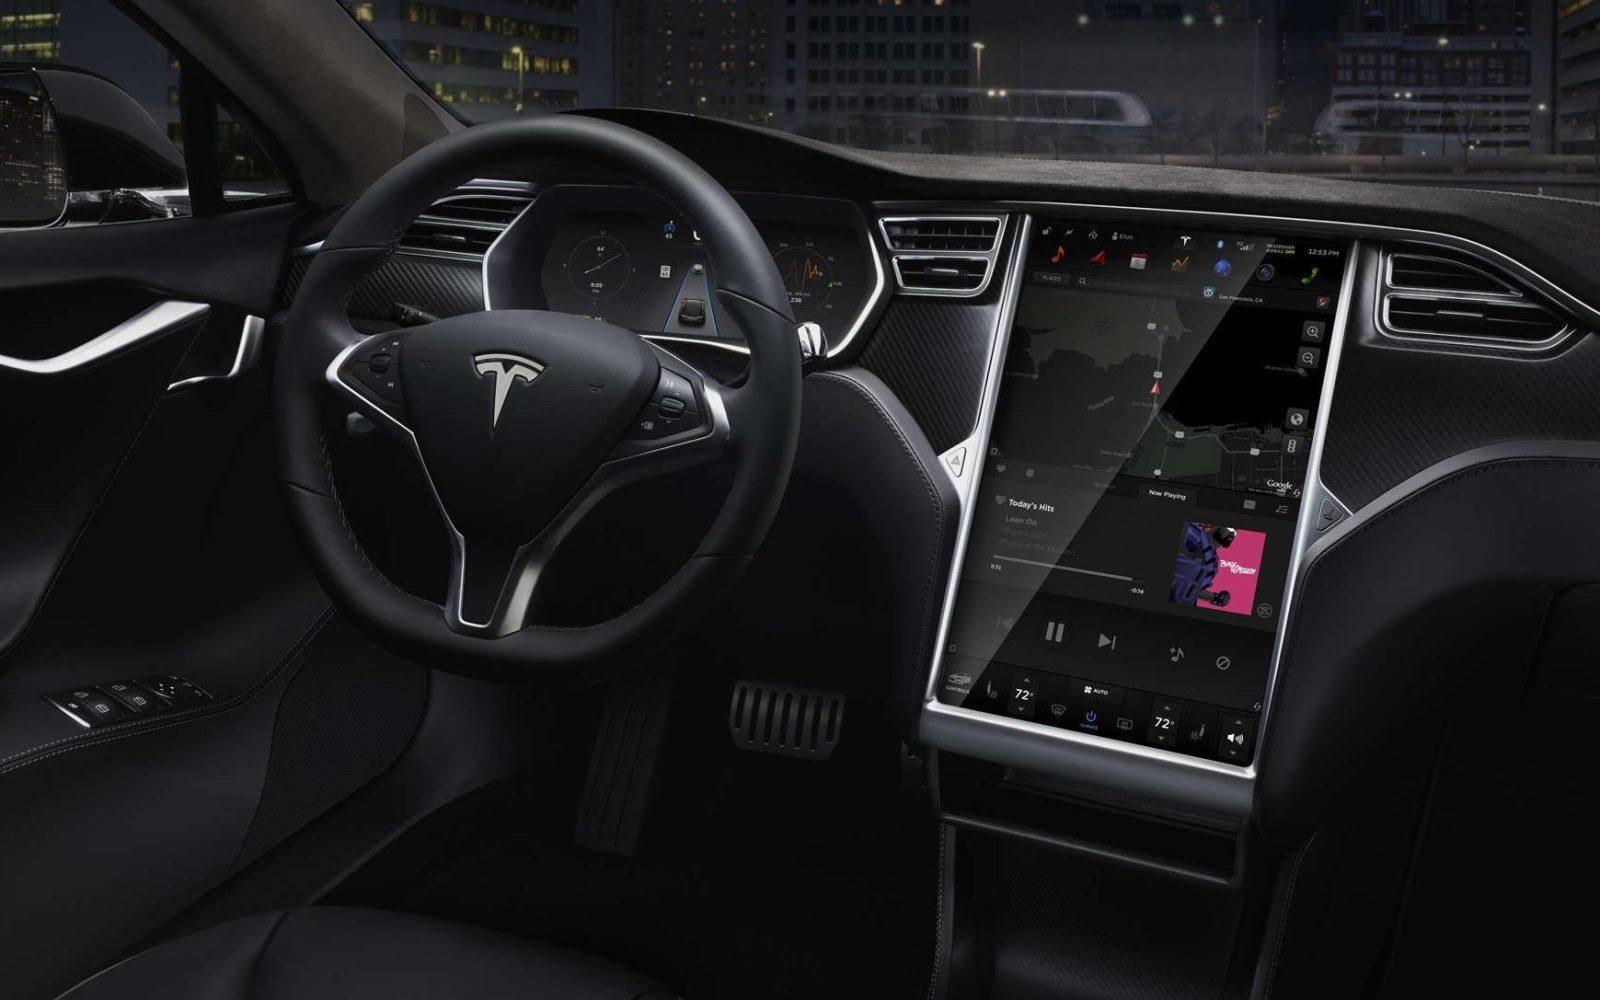 Transcript: Elon Musk's press conference about Tesla Autopilot under v8.0 update [Part 1]